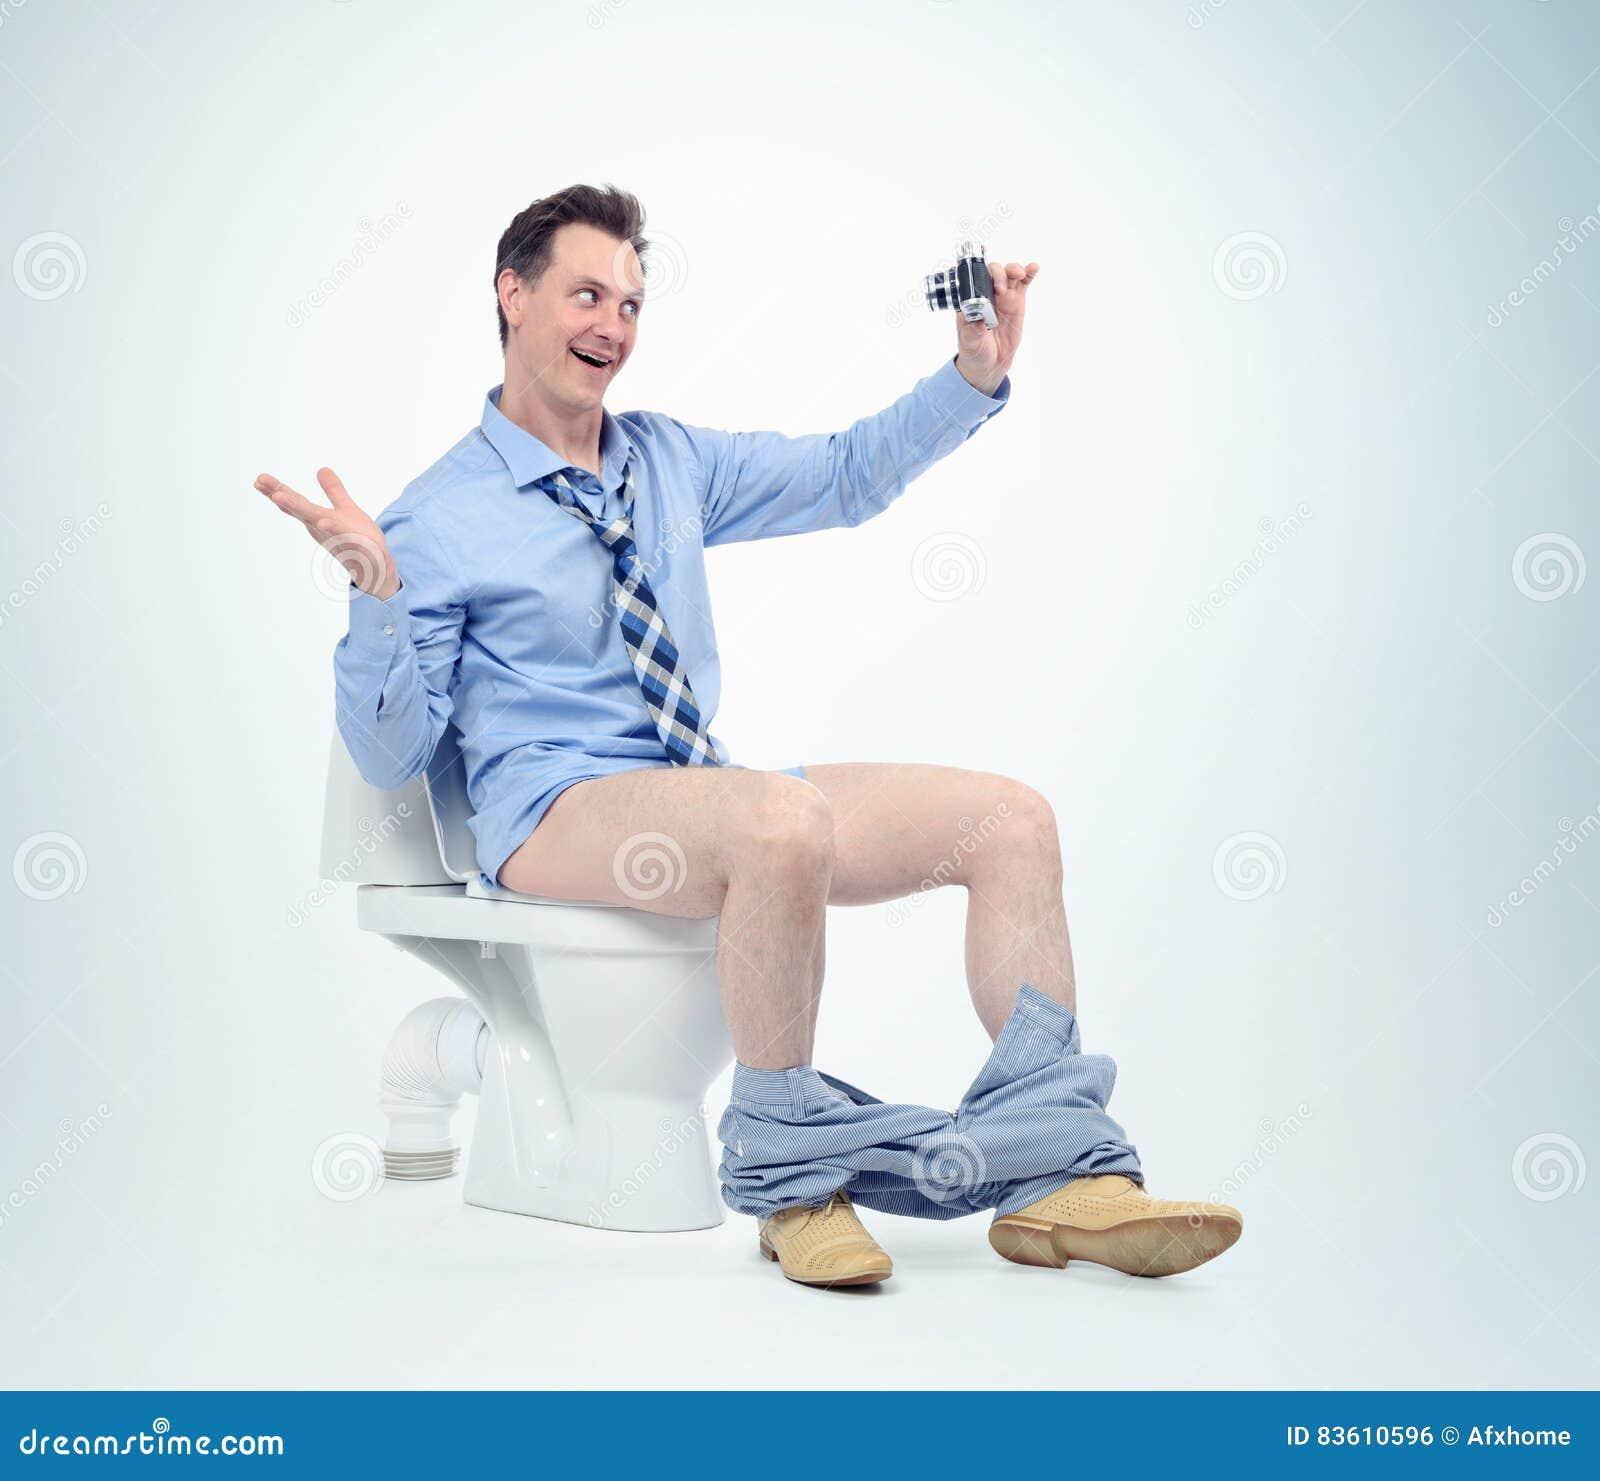 Homme Drôle Se Photographiant Dans La Toilette Concept De Selfie Photo stock - Image du mâle ...